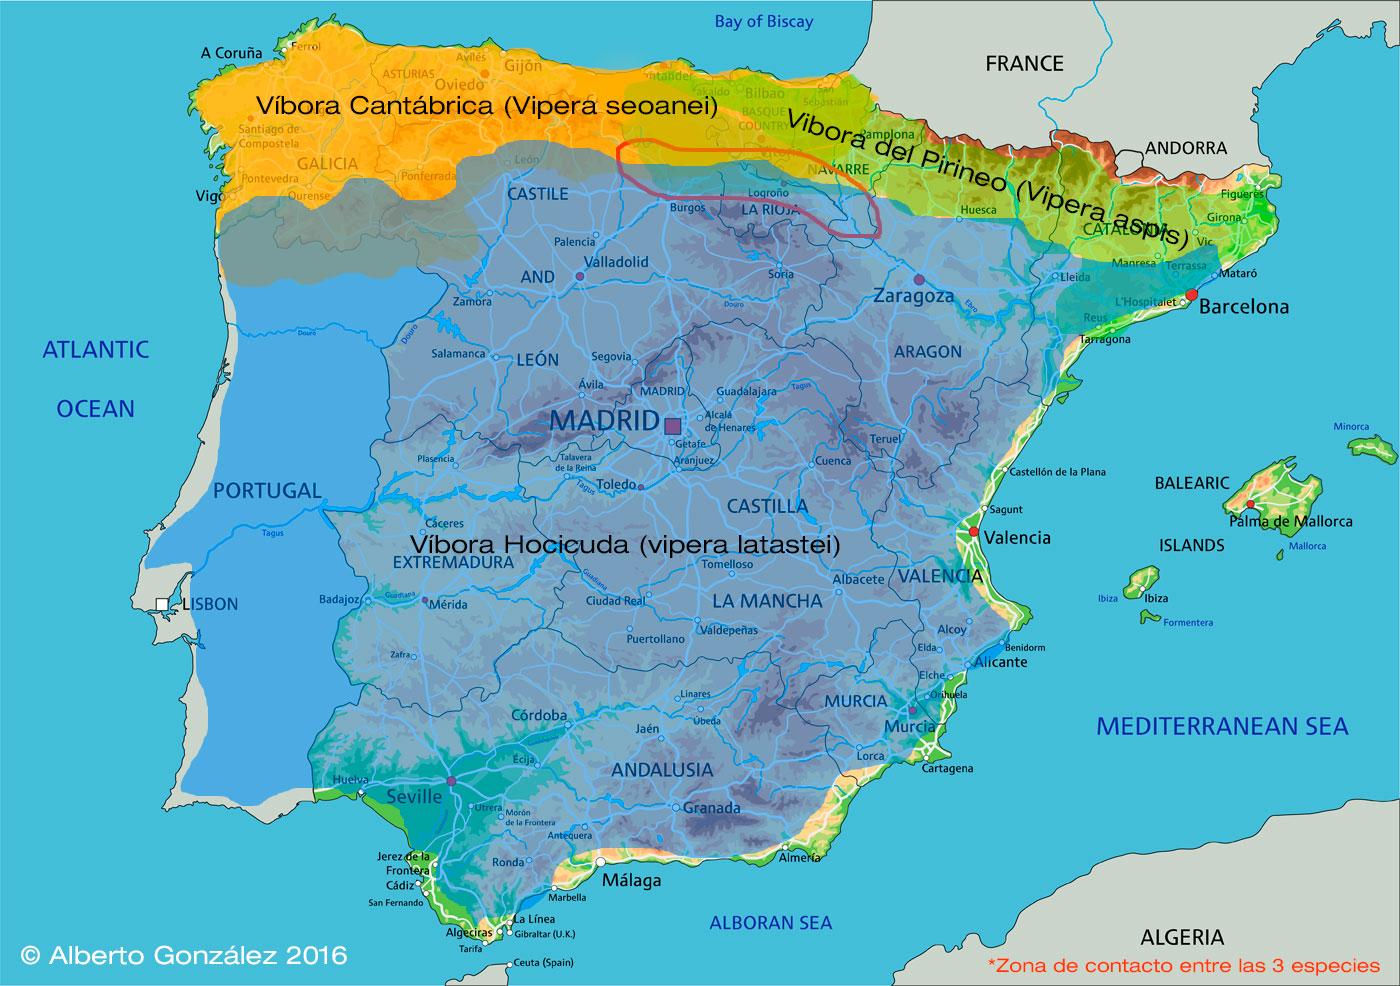 Mapa aproximado de distribución de las especies víboras península ibérica